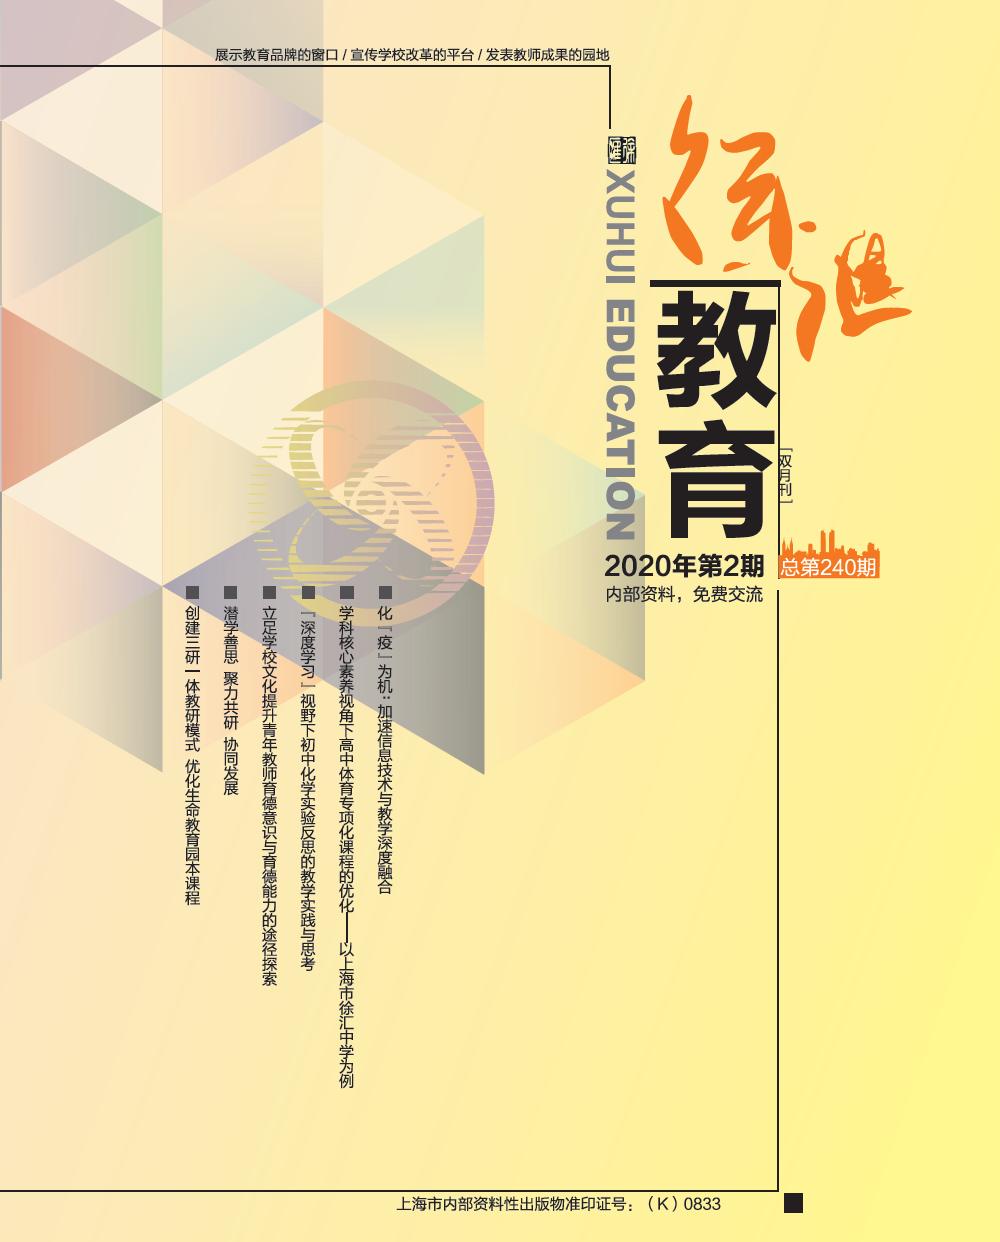 徐汇教育信息网_徐汇教育 - 栏目 - 徐汇教师网